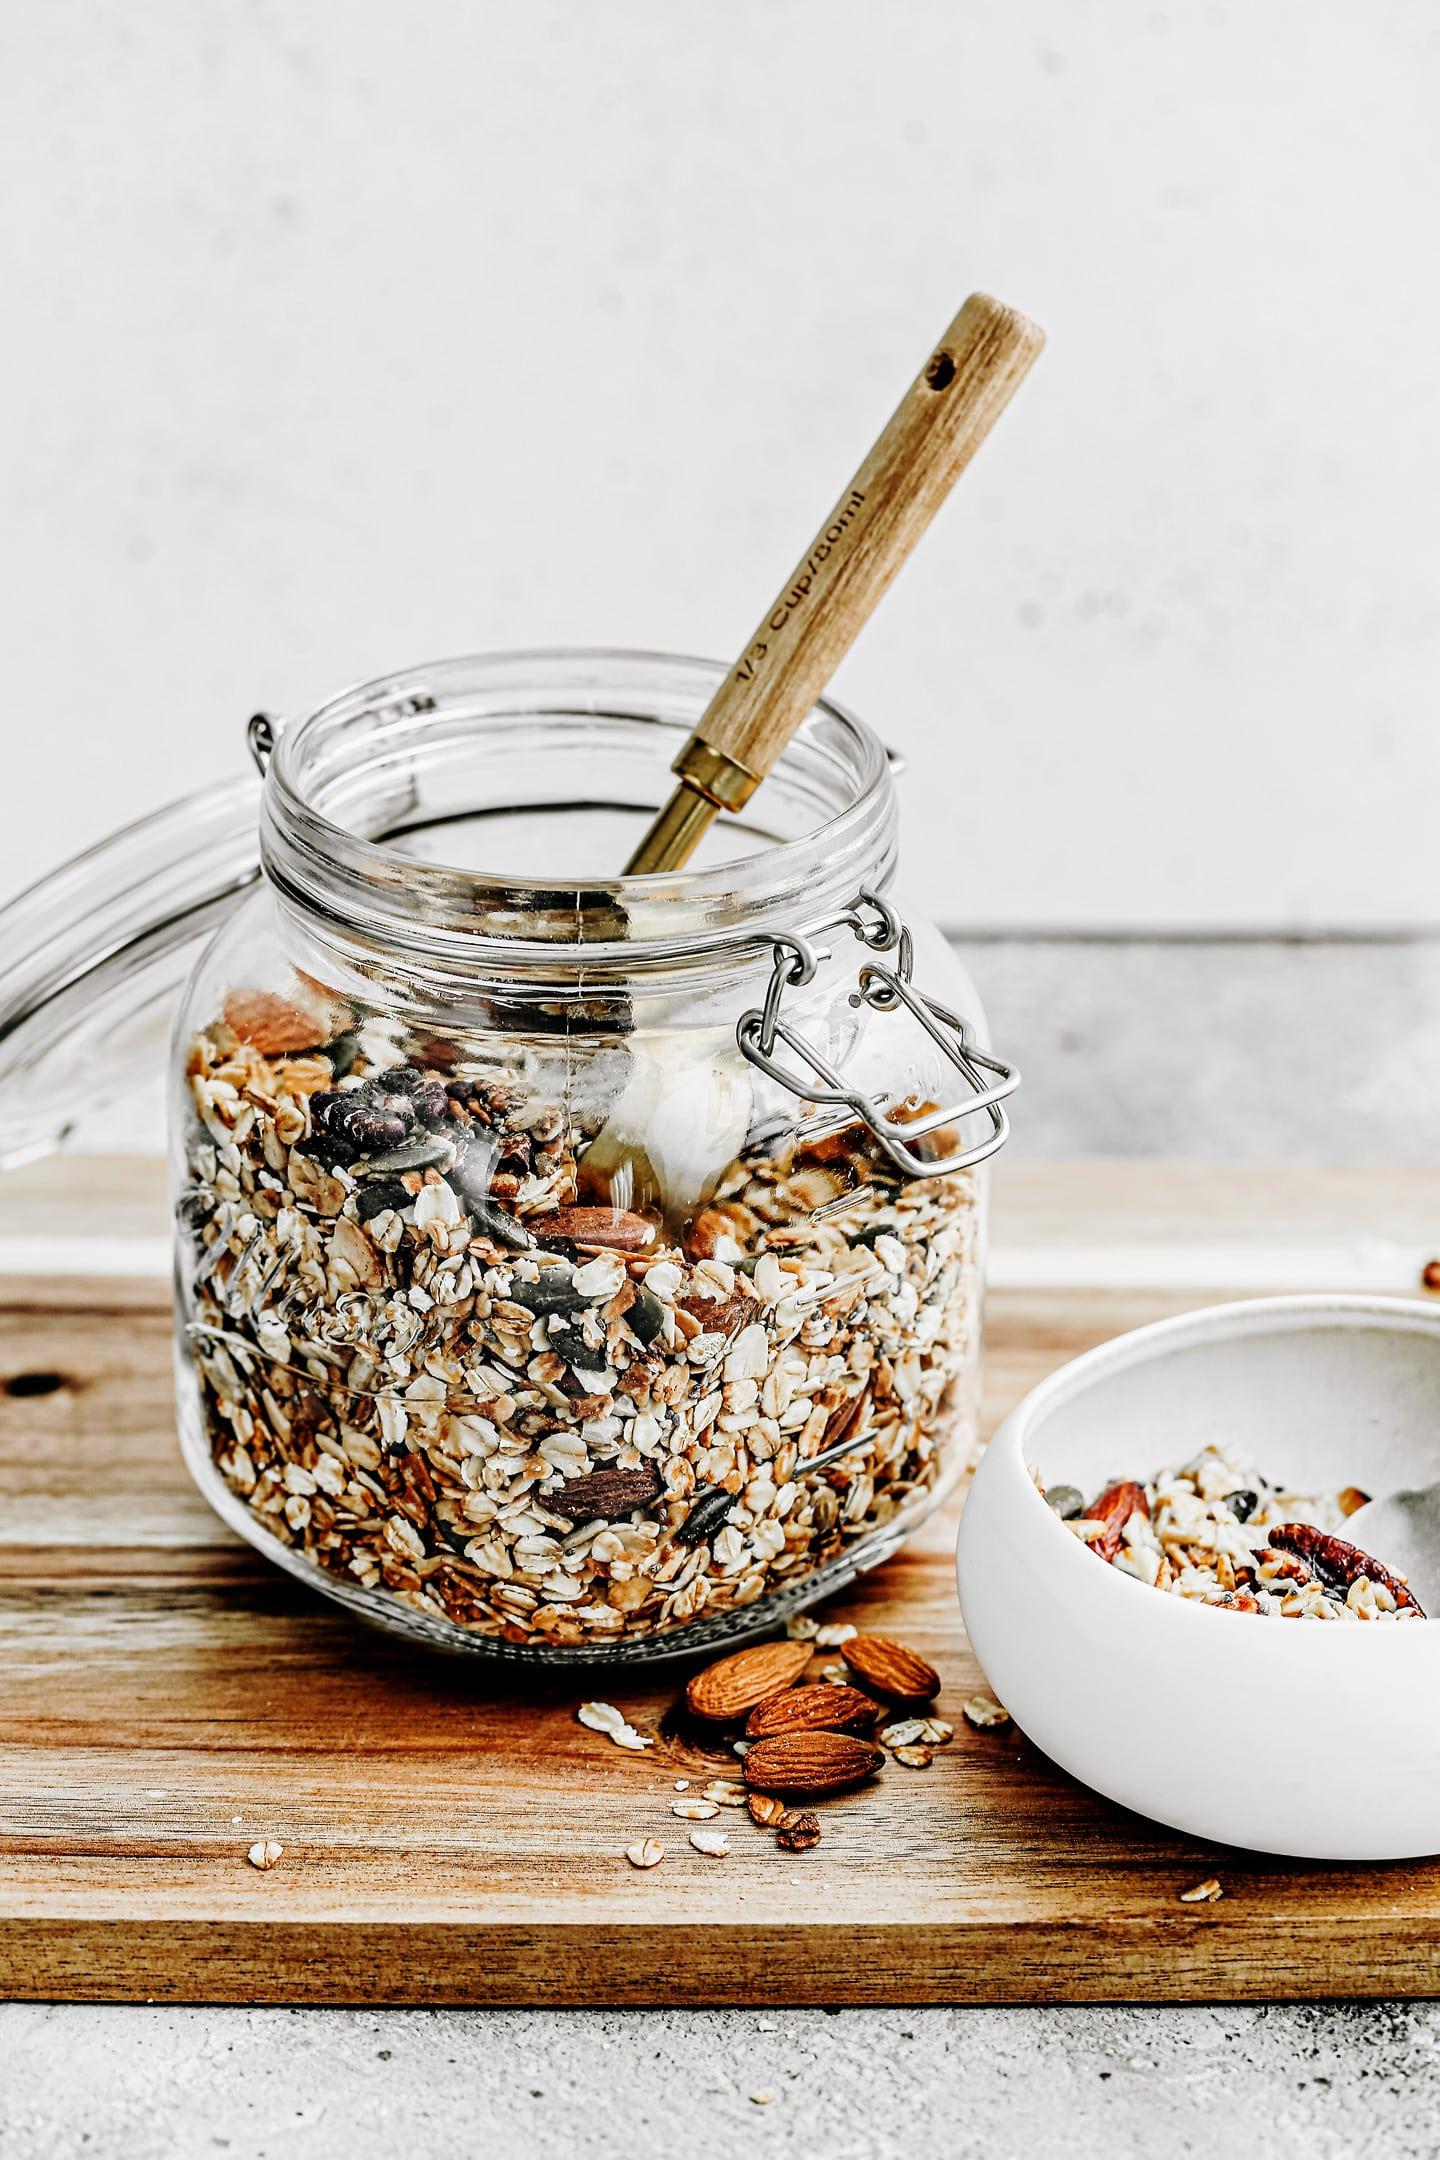 Recette facile et rapide du granola